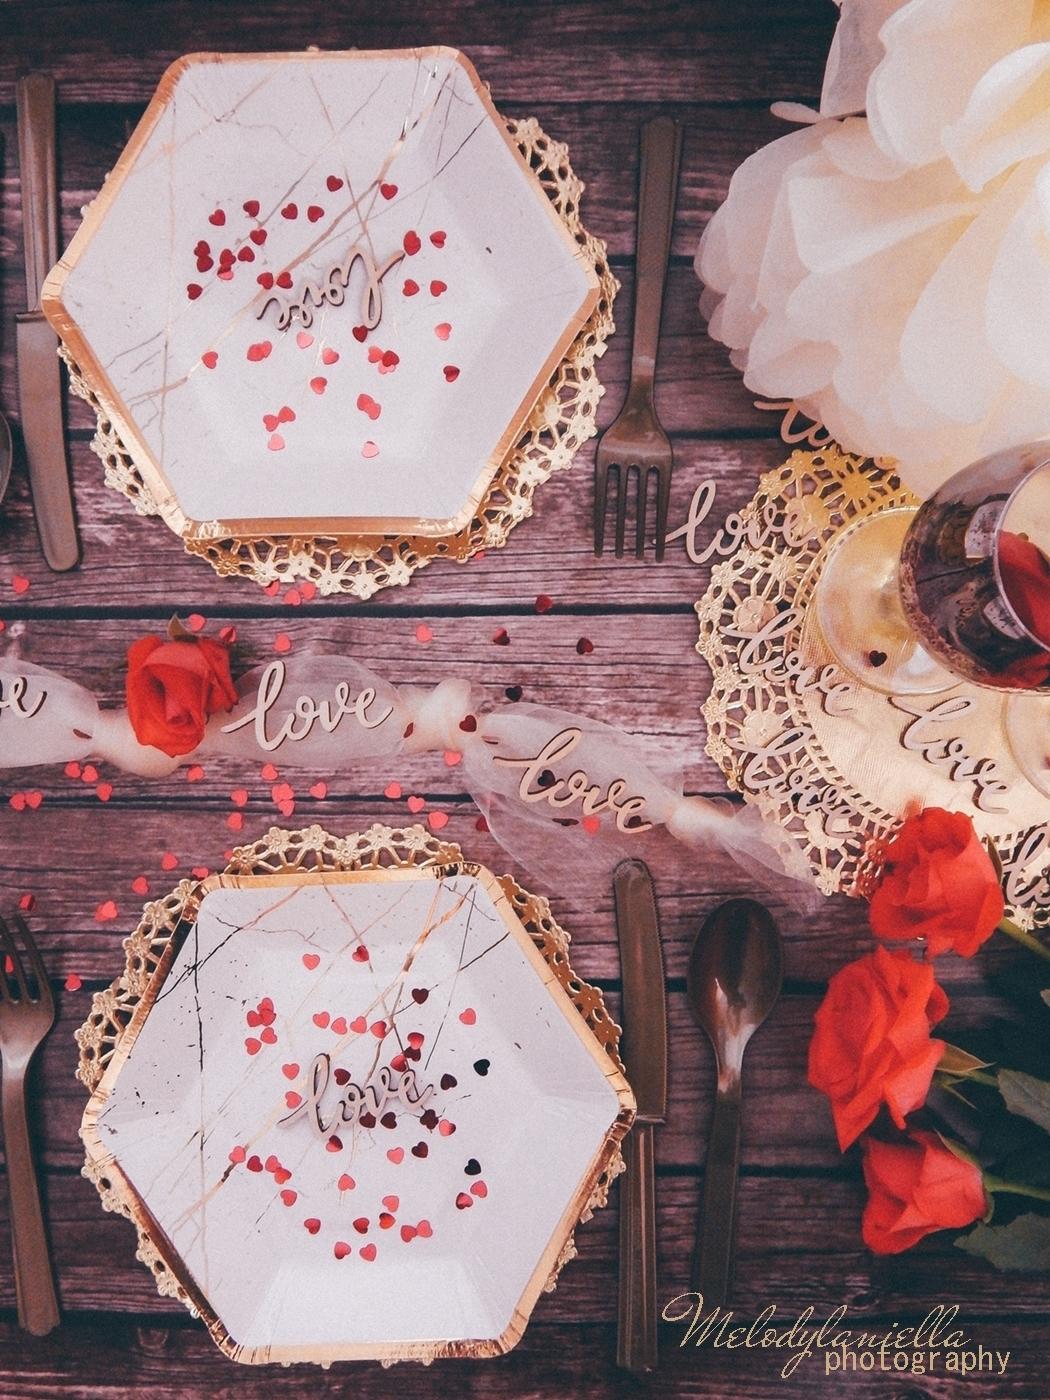 2 partybox ozdobne talerze z efektem marmuru złote sztućce róże drewniane dodatki drewniane konfetti love napisy na ślub wesele rocznice zaręczyny tiul organza